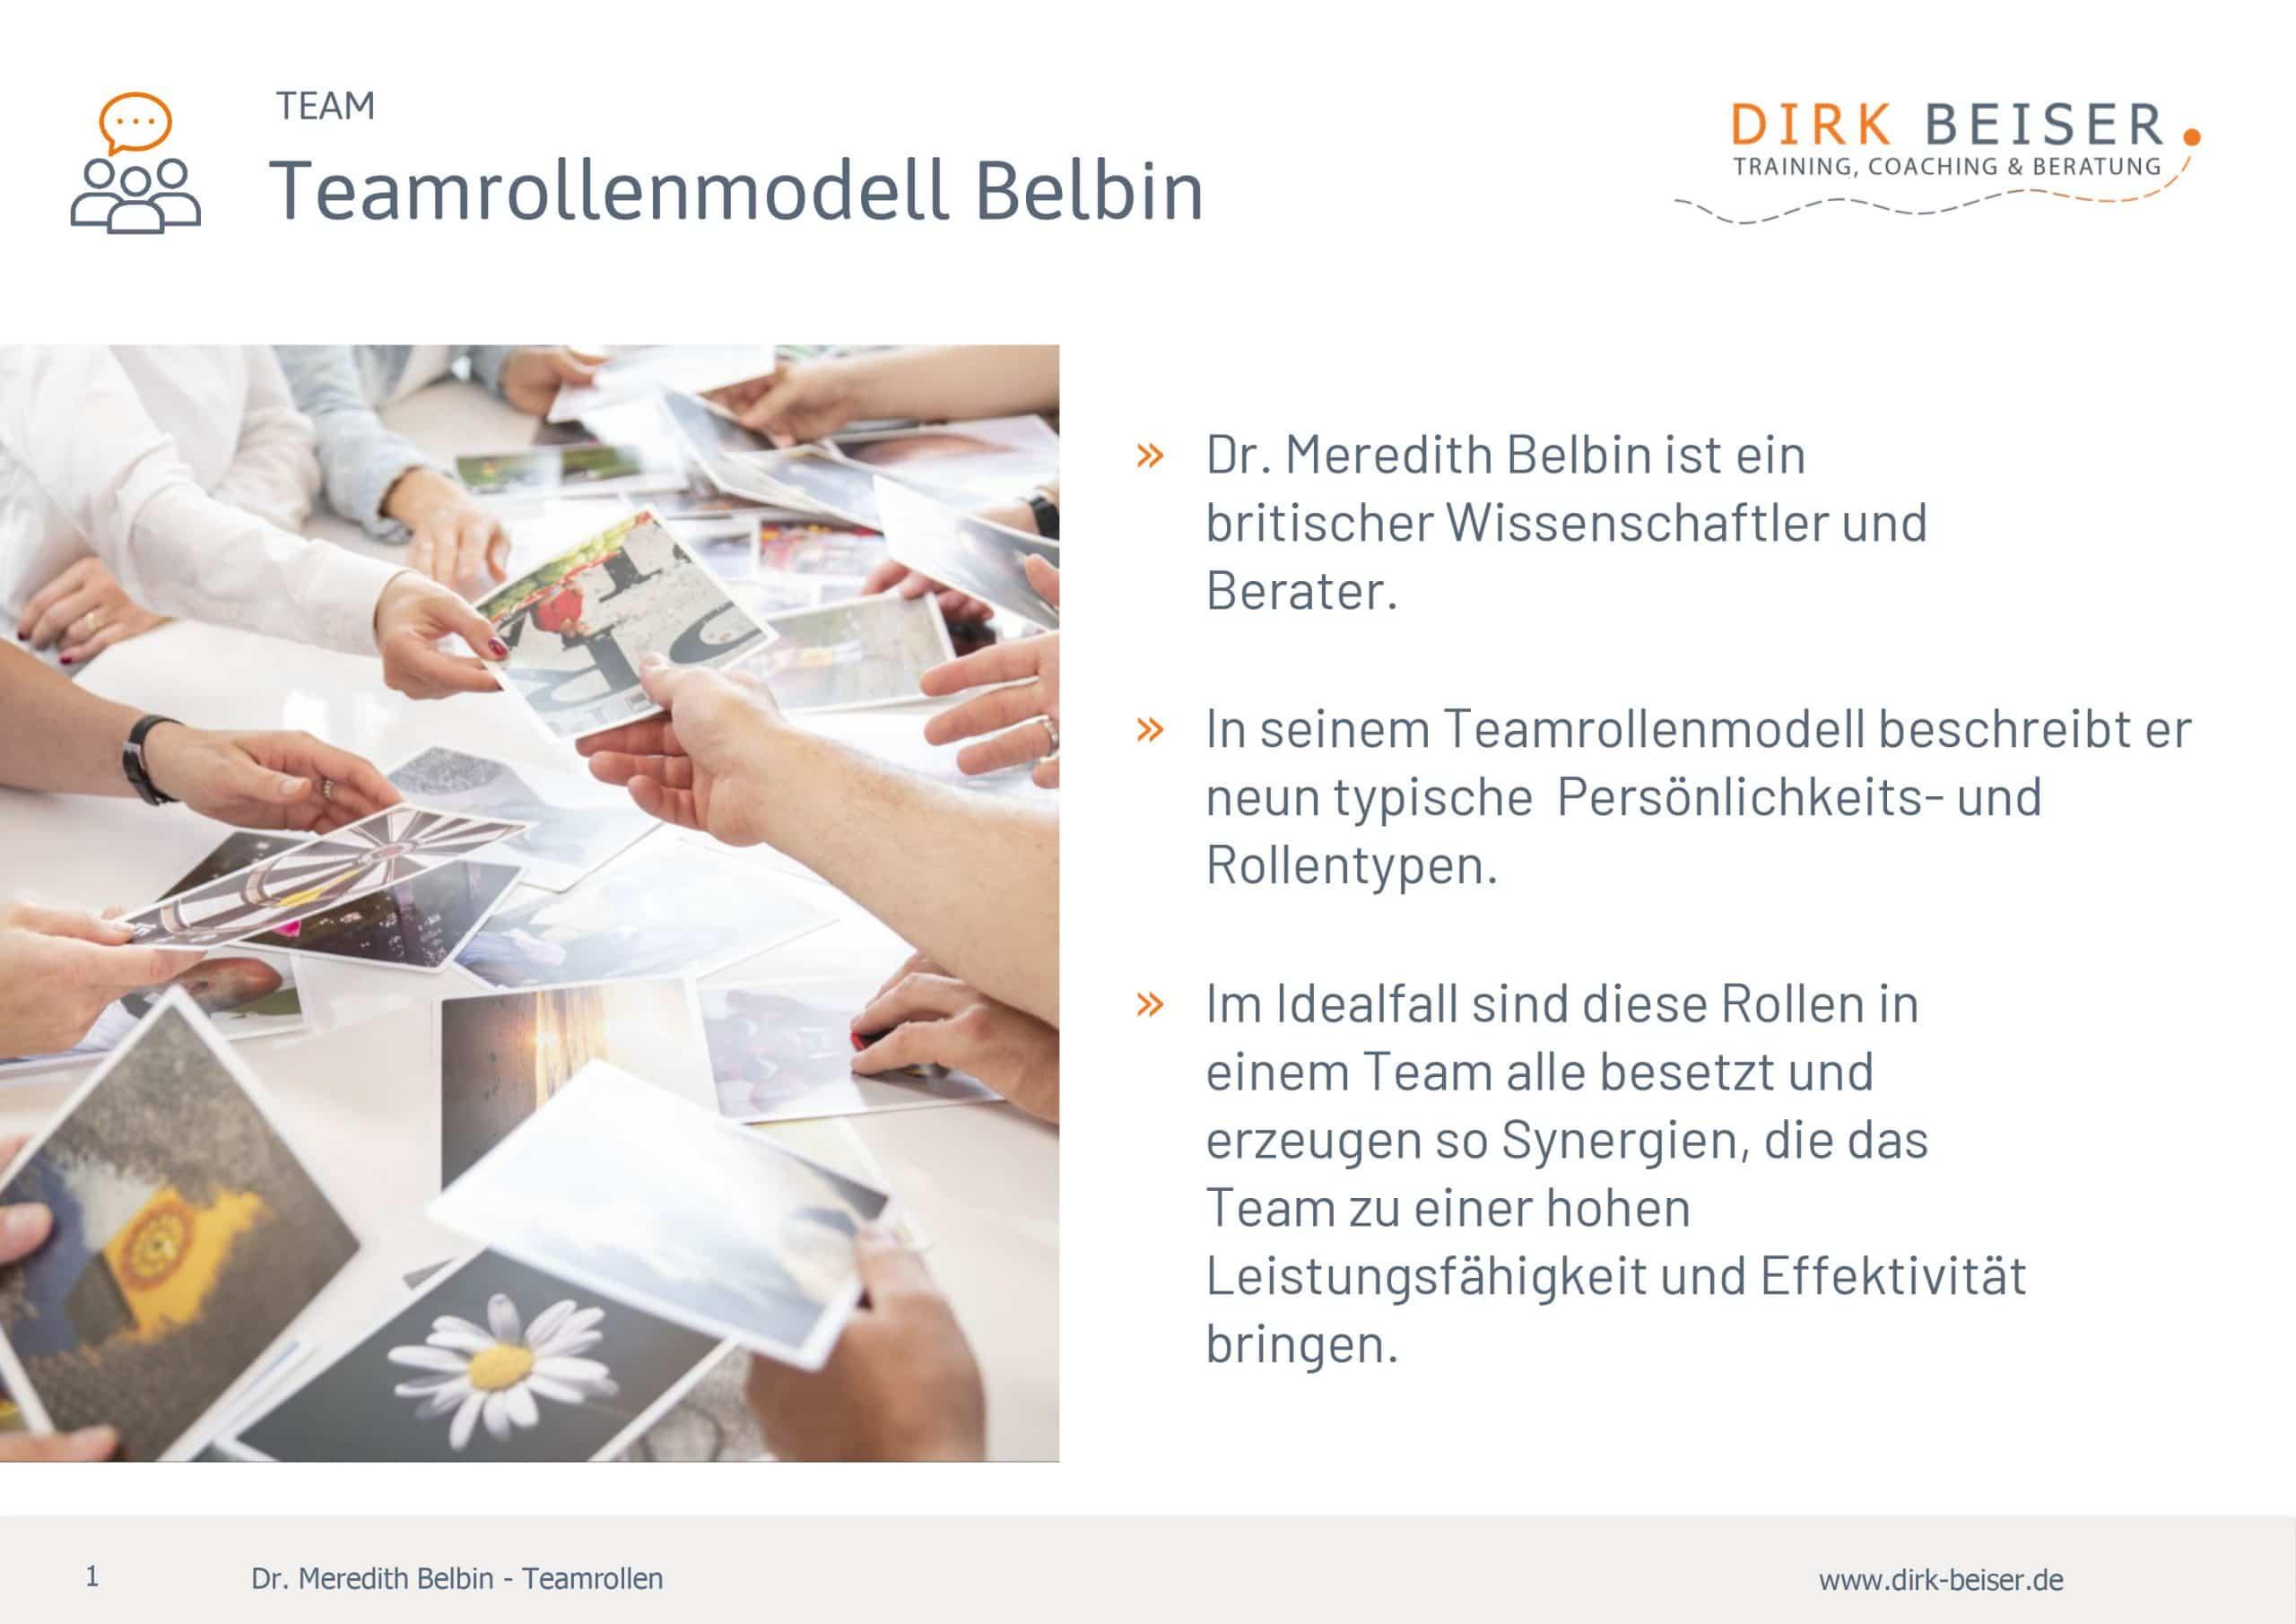 Teamrollen nach Belbin für Teambuilding